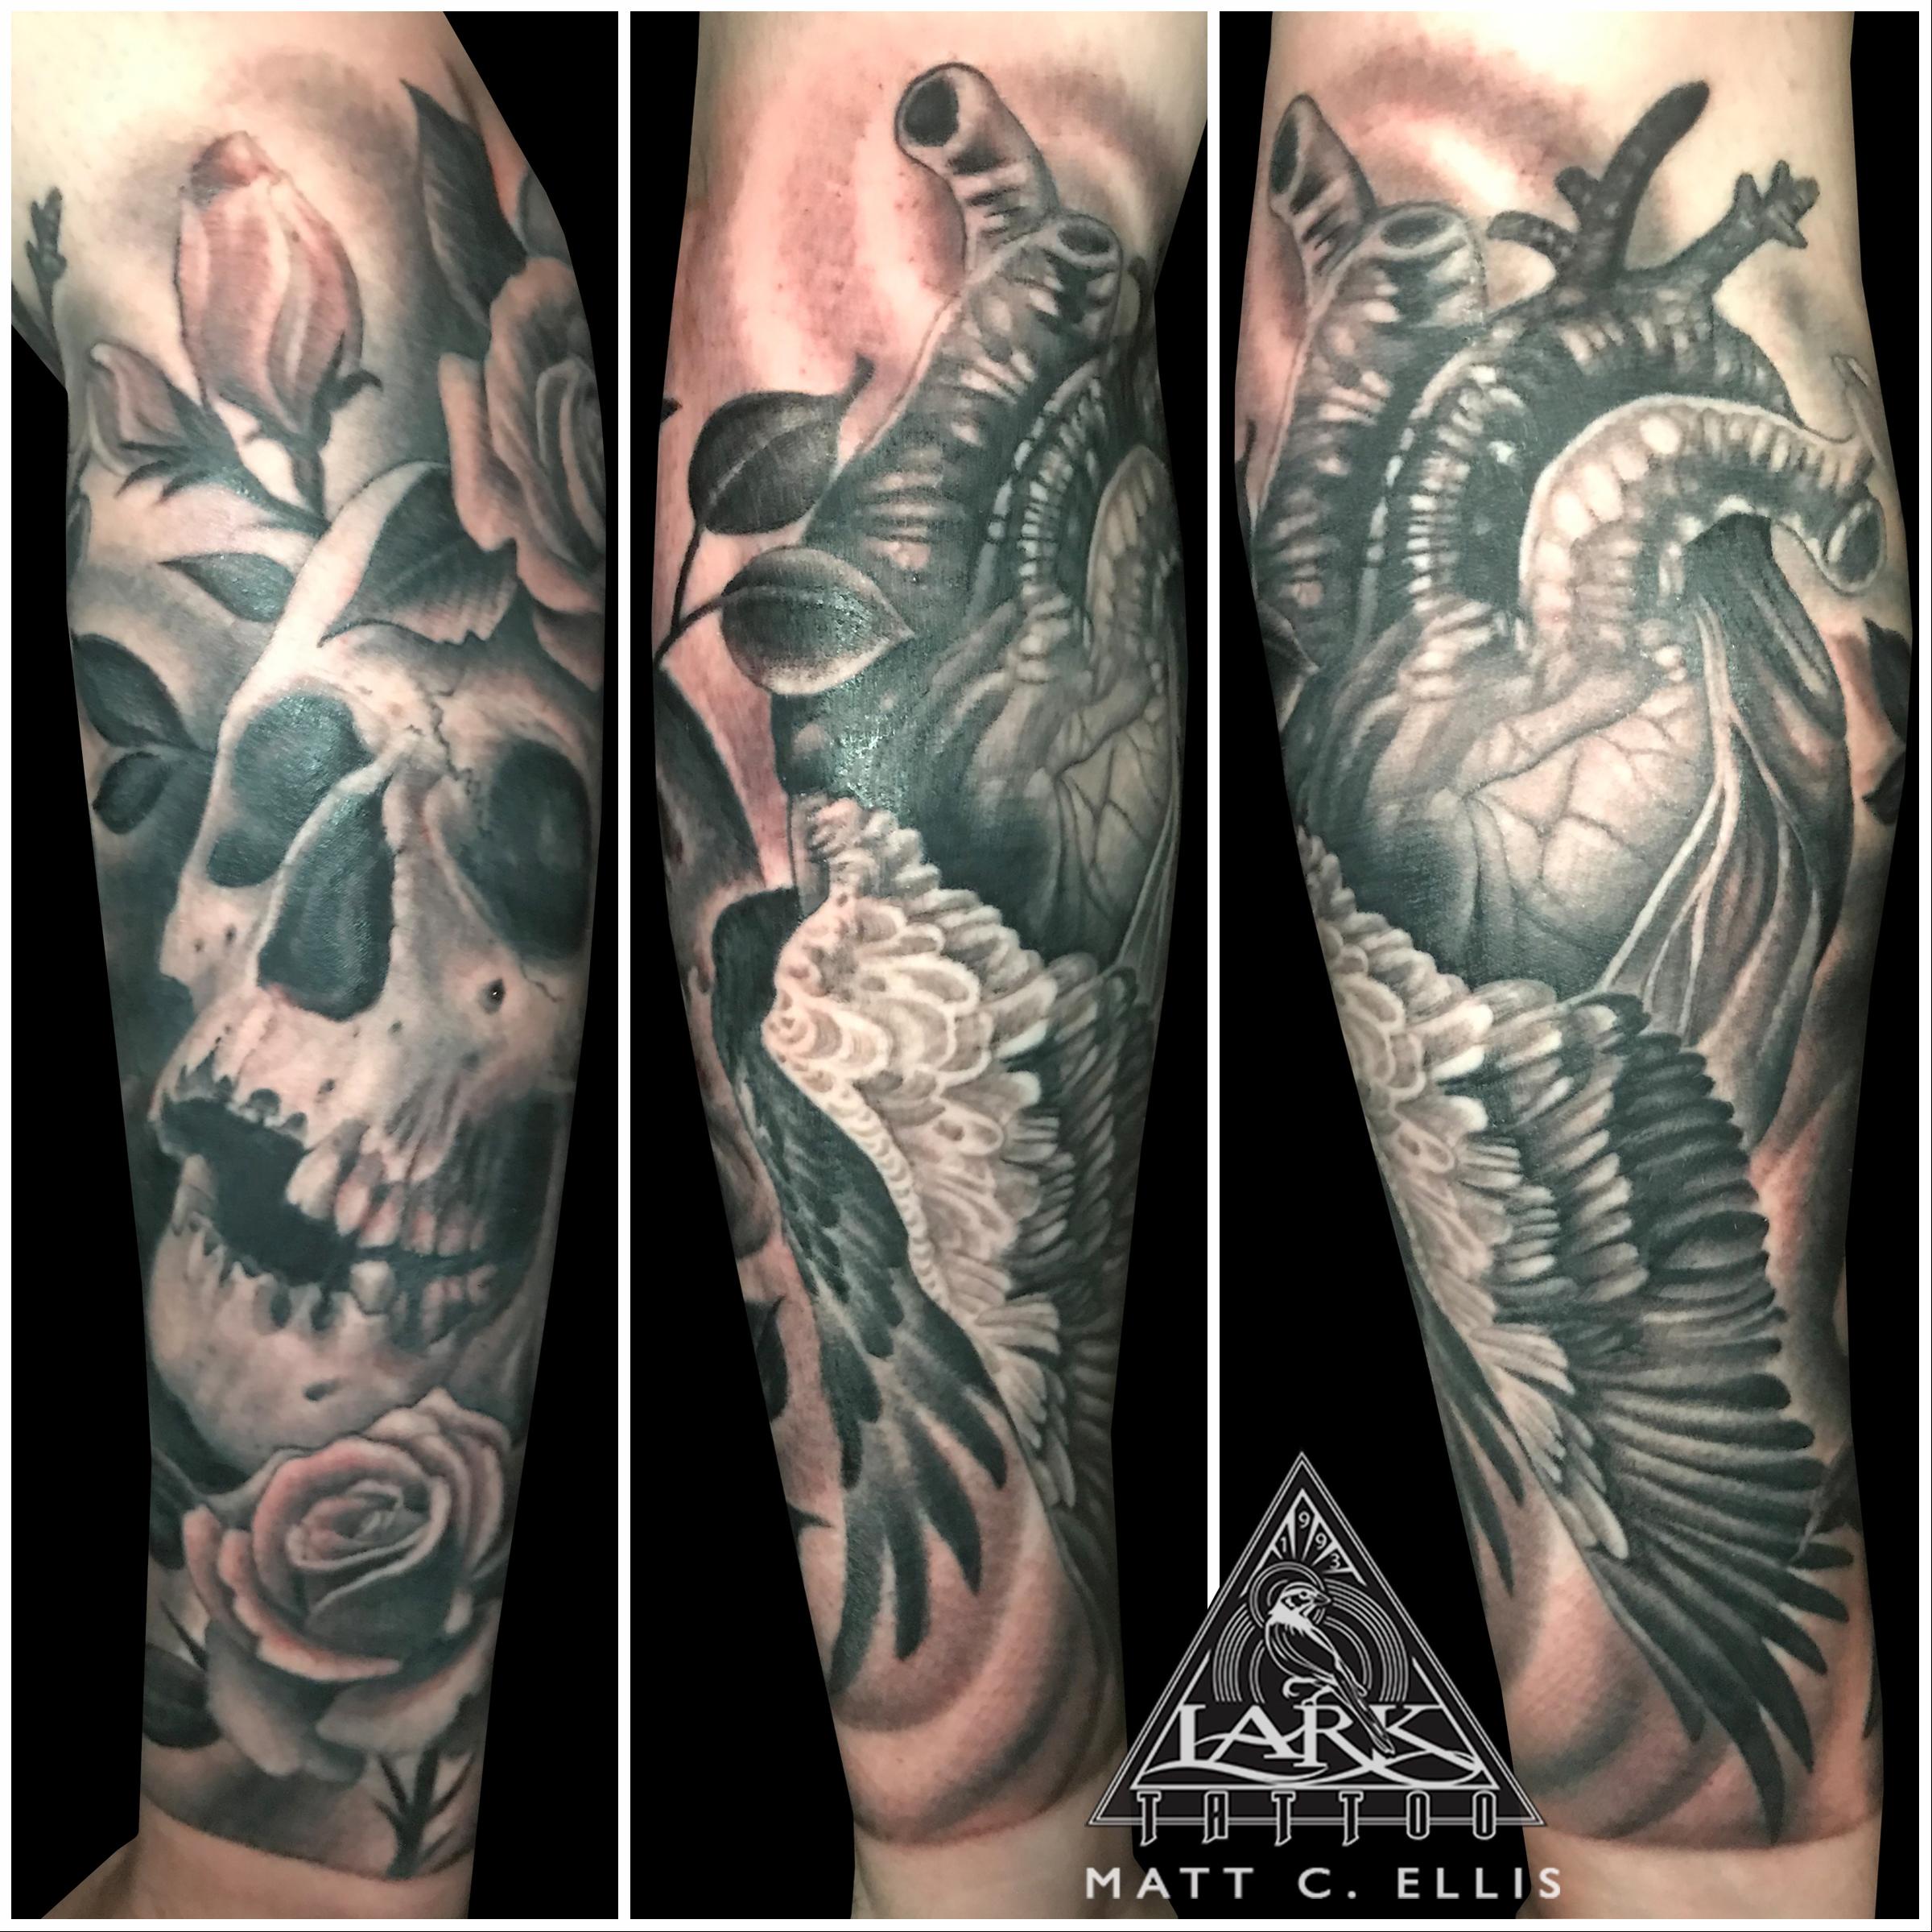 #LarkTattoo #Tattoo #Tattoos #TattooArtist #Tattoist #Tattooer #LongIslandTattooArtist #LongIslandTattooer #LongIslandTattoo #TattooSleeve #SleeveTattoo #ArmTattoo #FullArmTattoo #LargeTattoo #BNG #BNGTattoo #BlackAndGray #BlackAndGrayTattoo #BlackAndGrey #BlackAndGreyTattoo #Realism #RealismTattoo #Realistic #RealisticTattoo #Skull #SkullTattoo #Rose #RoseTattoo #Heart #HeartTattoo #Anatomical #AnatomicalTattoo #Bird #BirdTattoo #Flower #FlowerTattoo #TattooOfTheDay #Tat #Tats #Tatts #Tatted #Inked #Ink #TattooInk #AmazingInk #AmazingTattoo #BodyArt #LarkTattooWestbury #Westbury #LongIsland #NY #NewYork #USA #Art #Tattedup #InkedUp #LarkTattoos